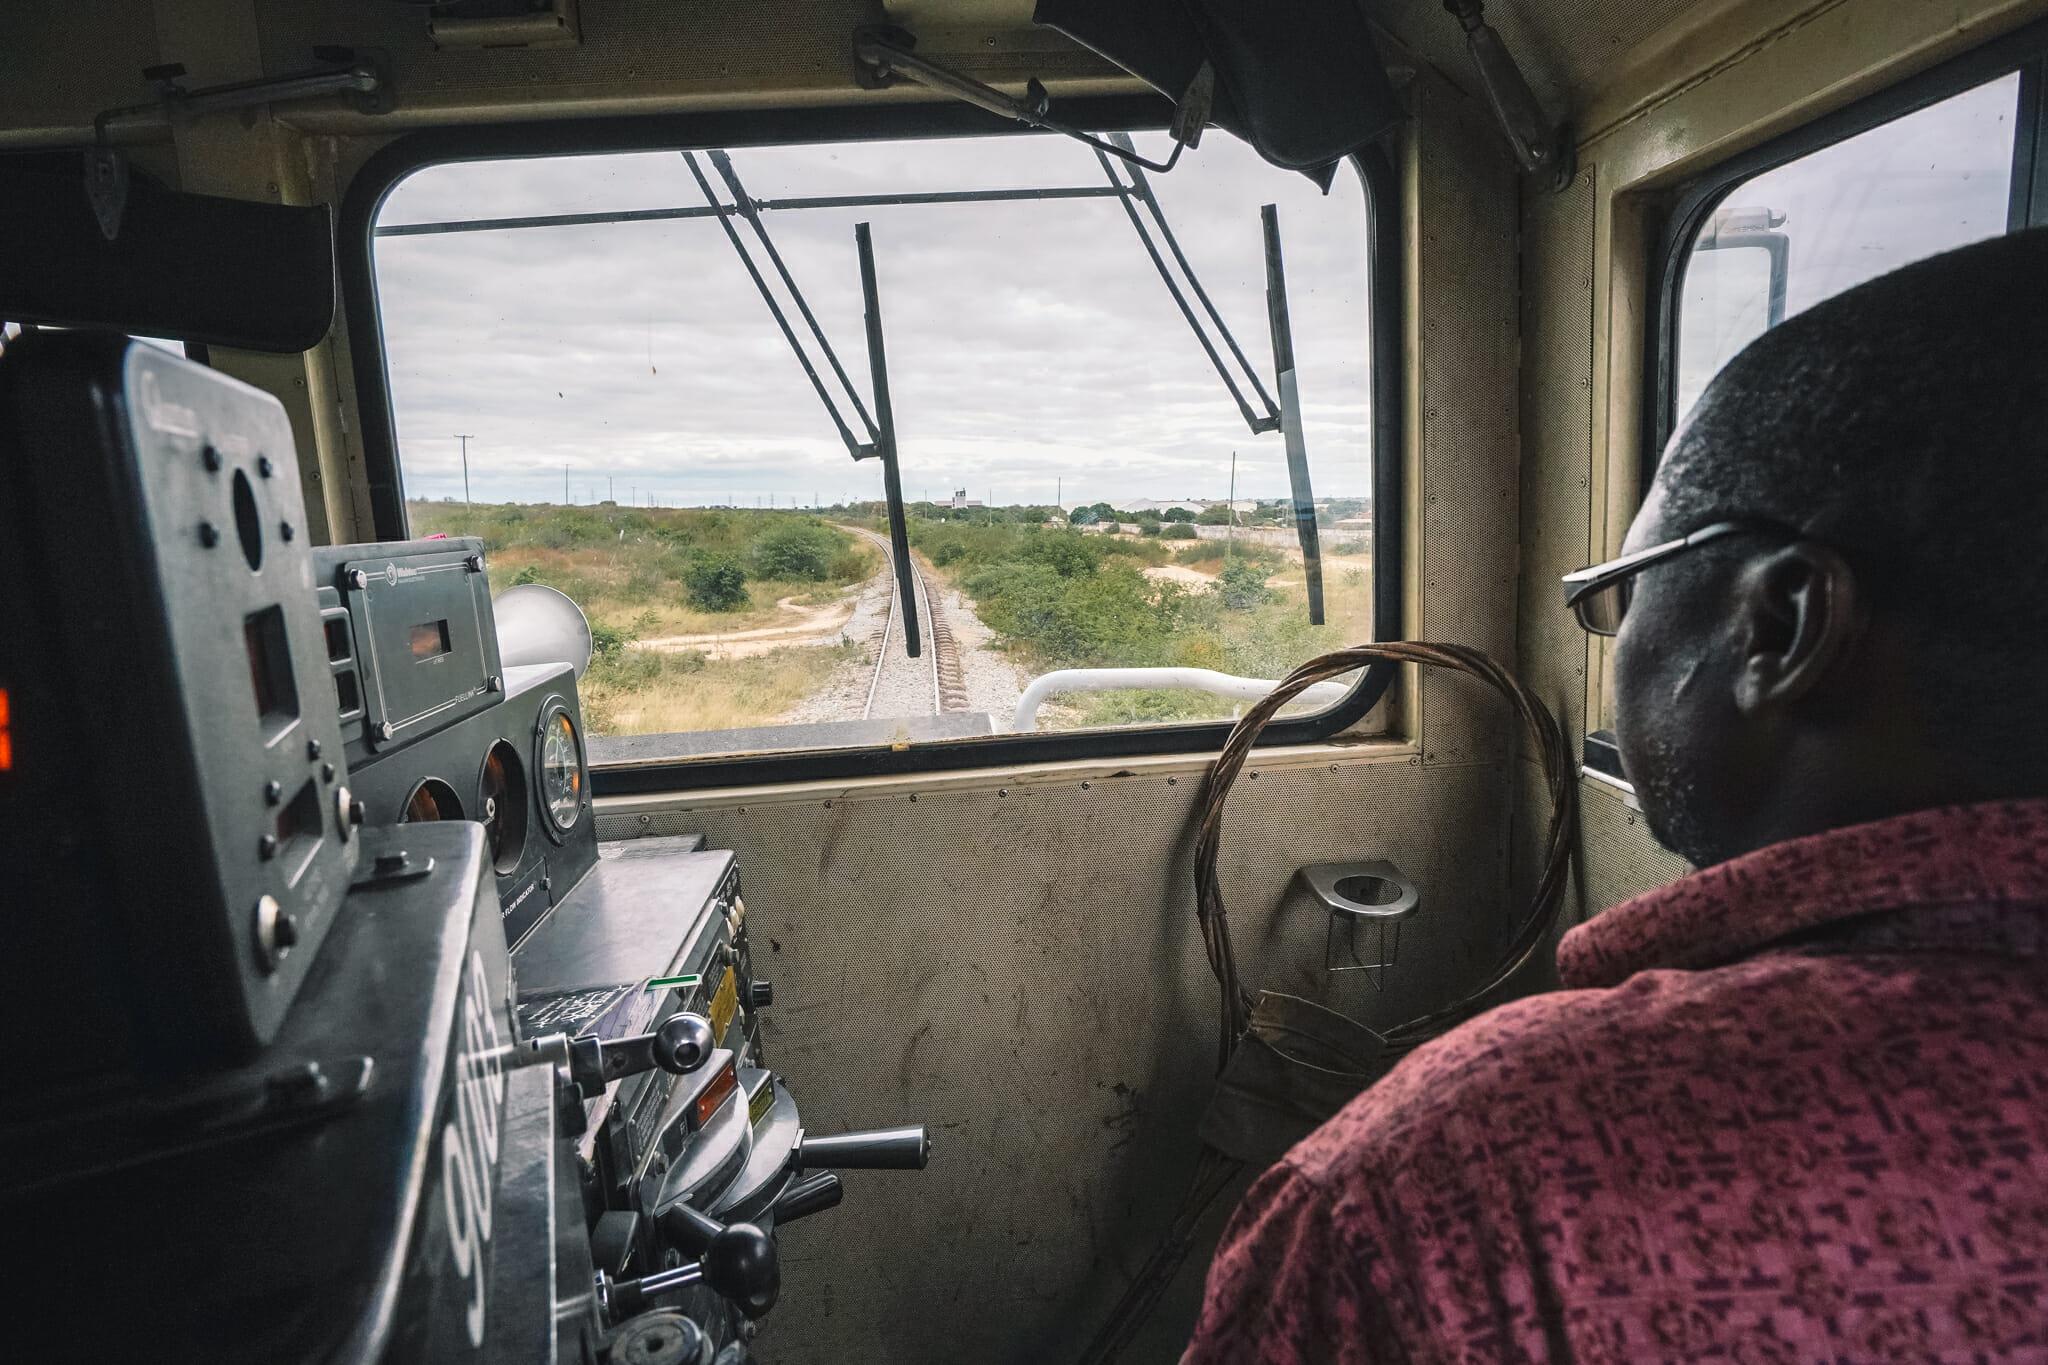 train-tanzanie-voyage-locomotive-conducteur